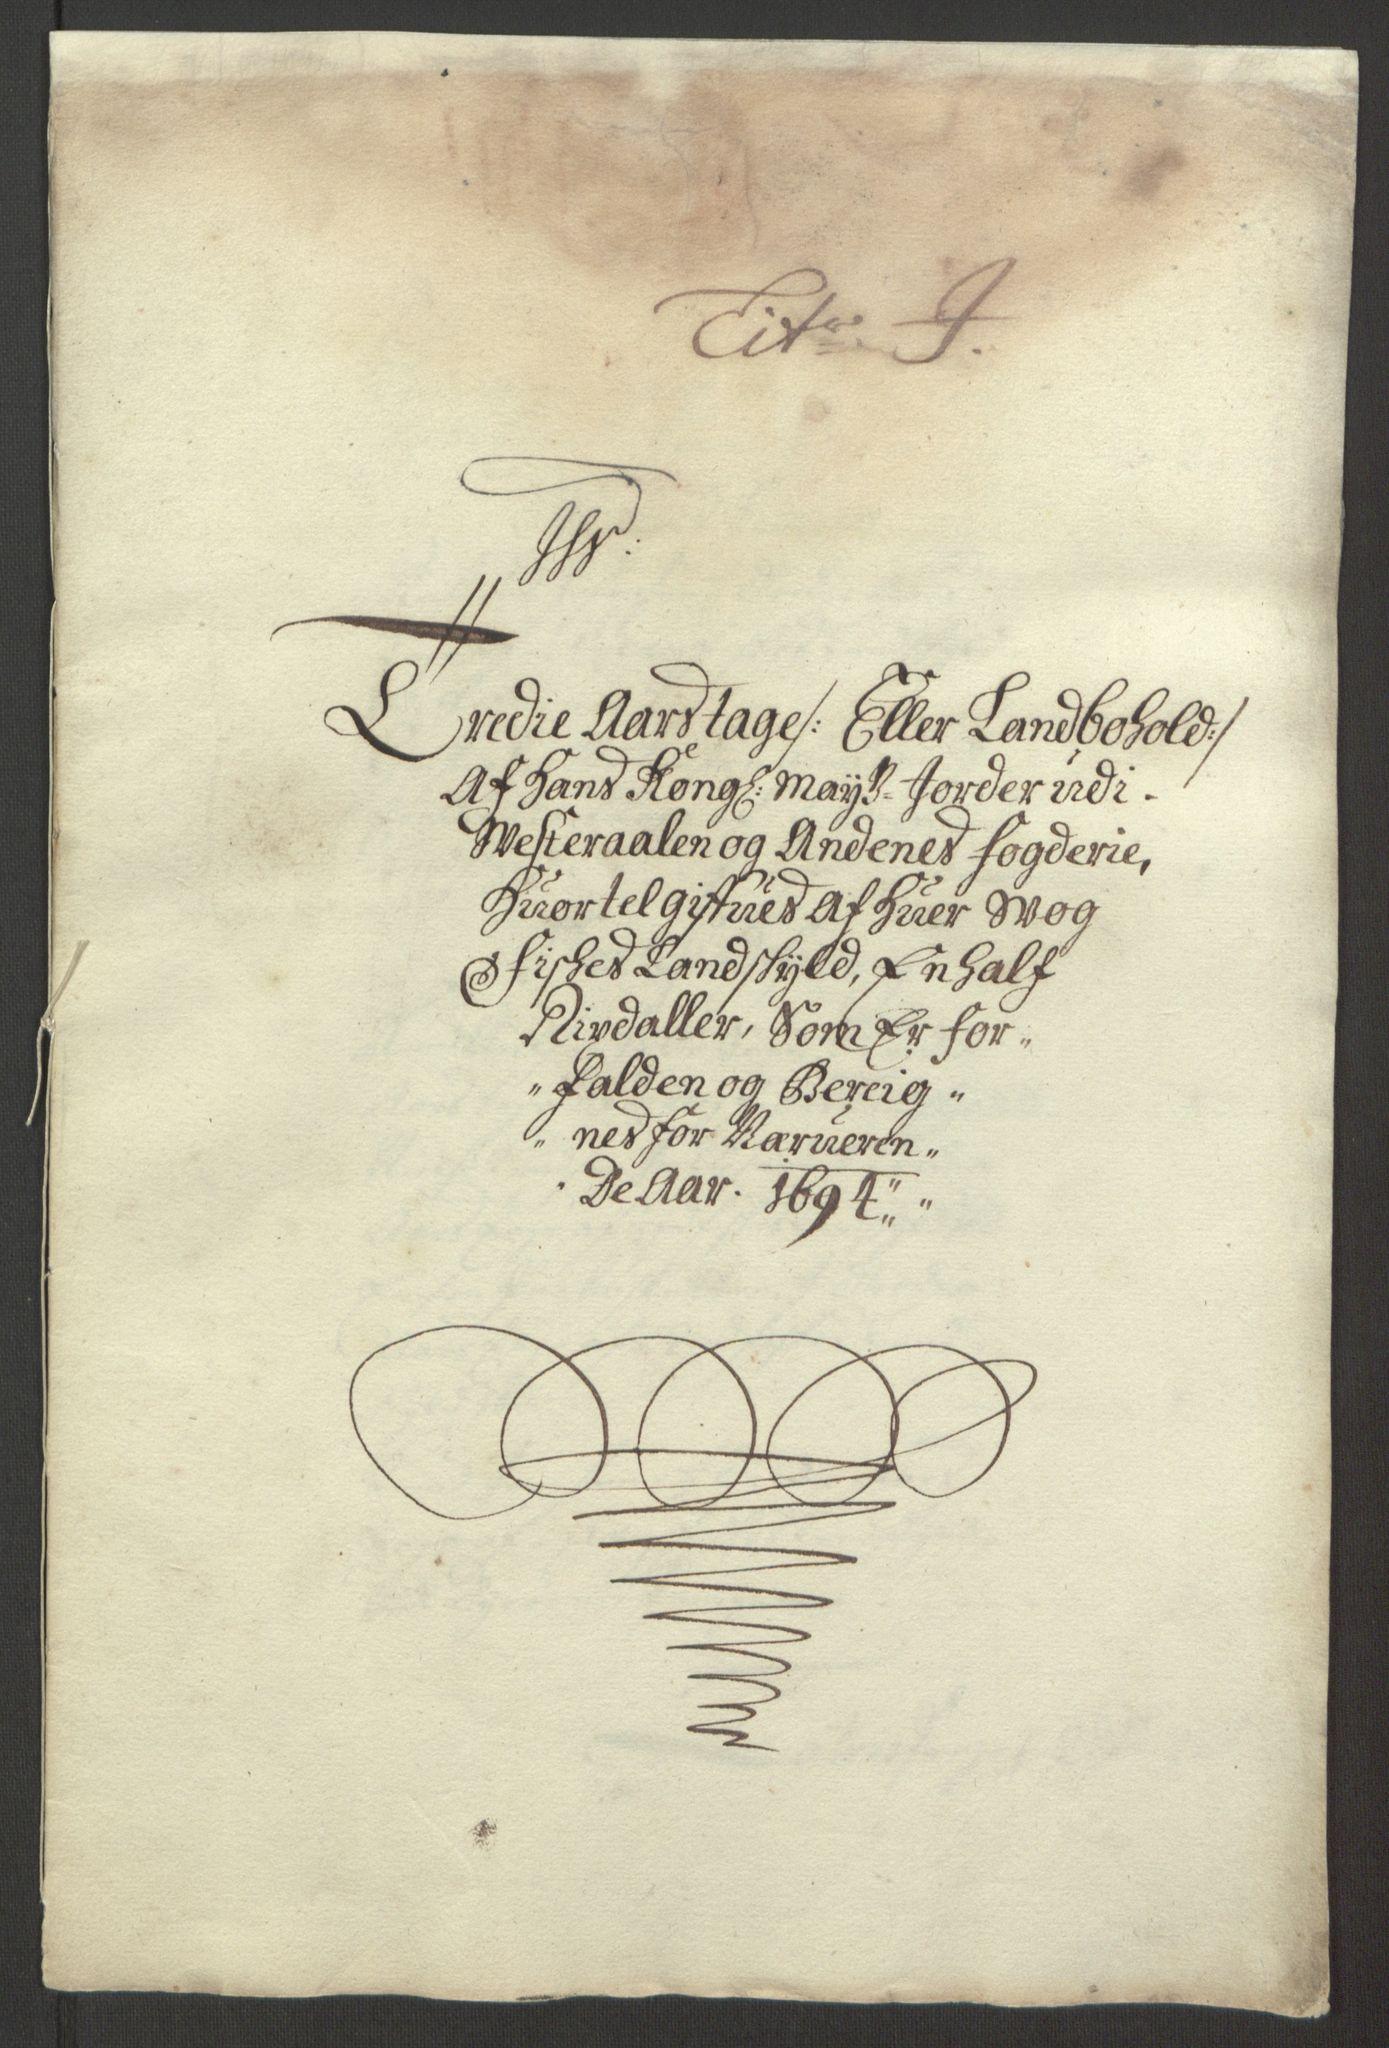 RA, Rentekammeret inntil 1814, Reviderte regnskaper, Fogderegnskap, R67/L4677: Fogderegnskap Vesterålen, Andenes og Lofoten, 1694-1695, s. 136